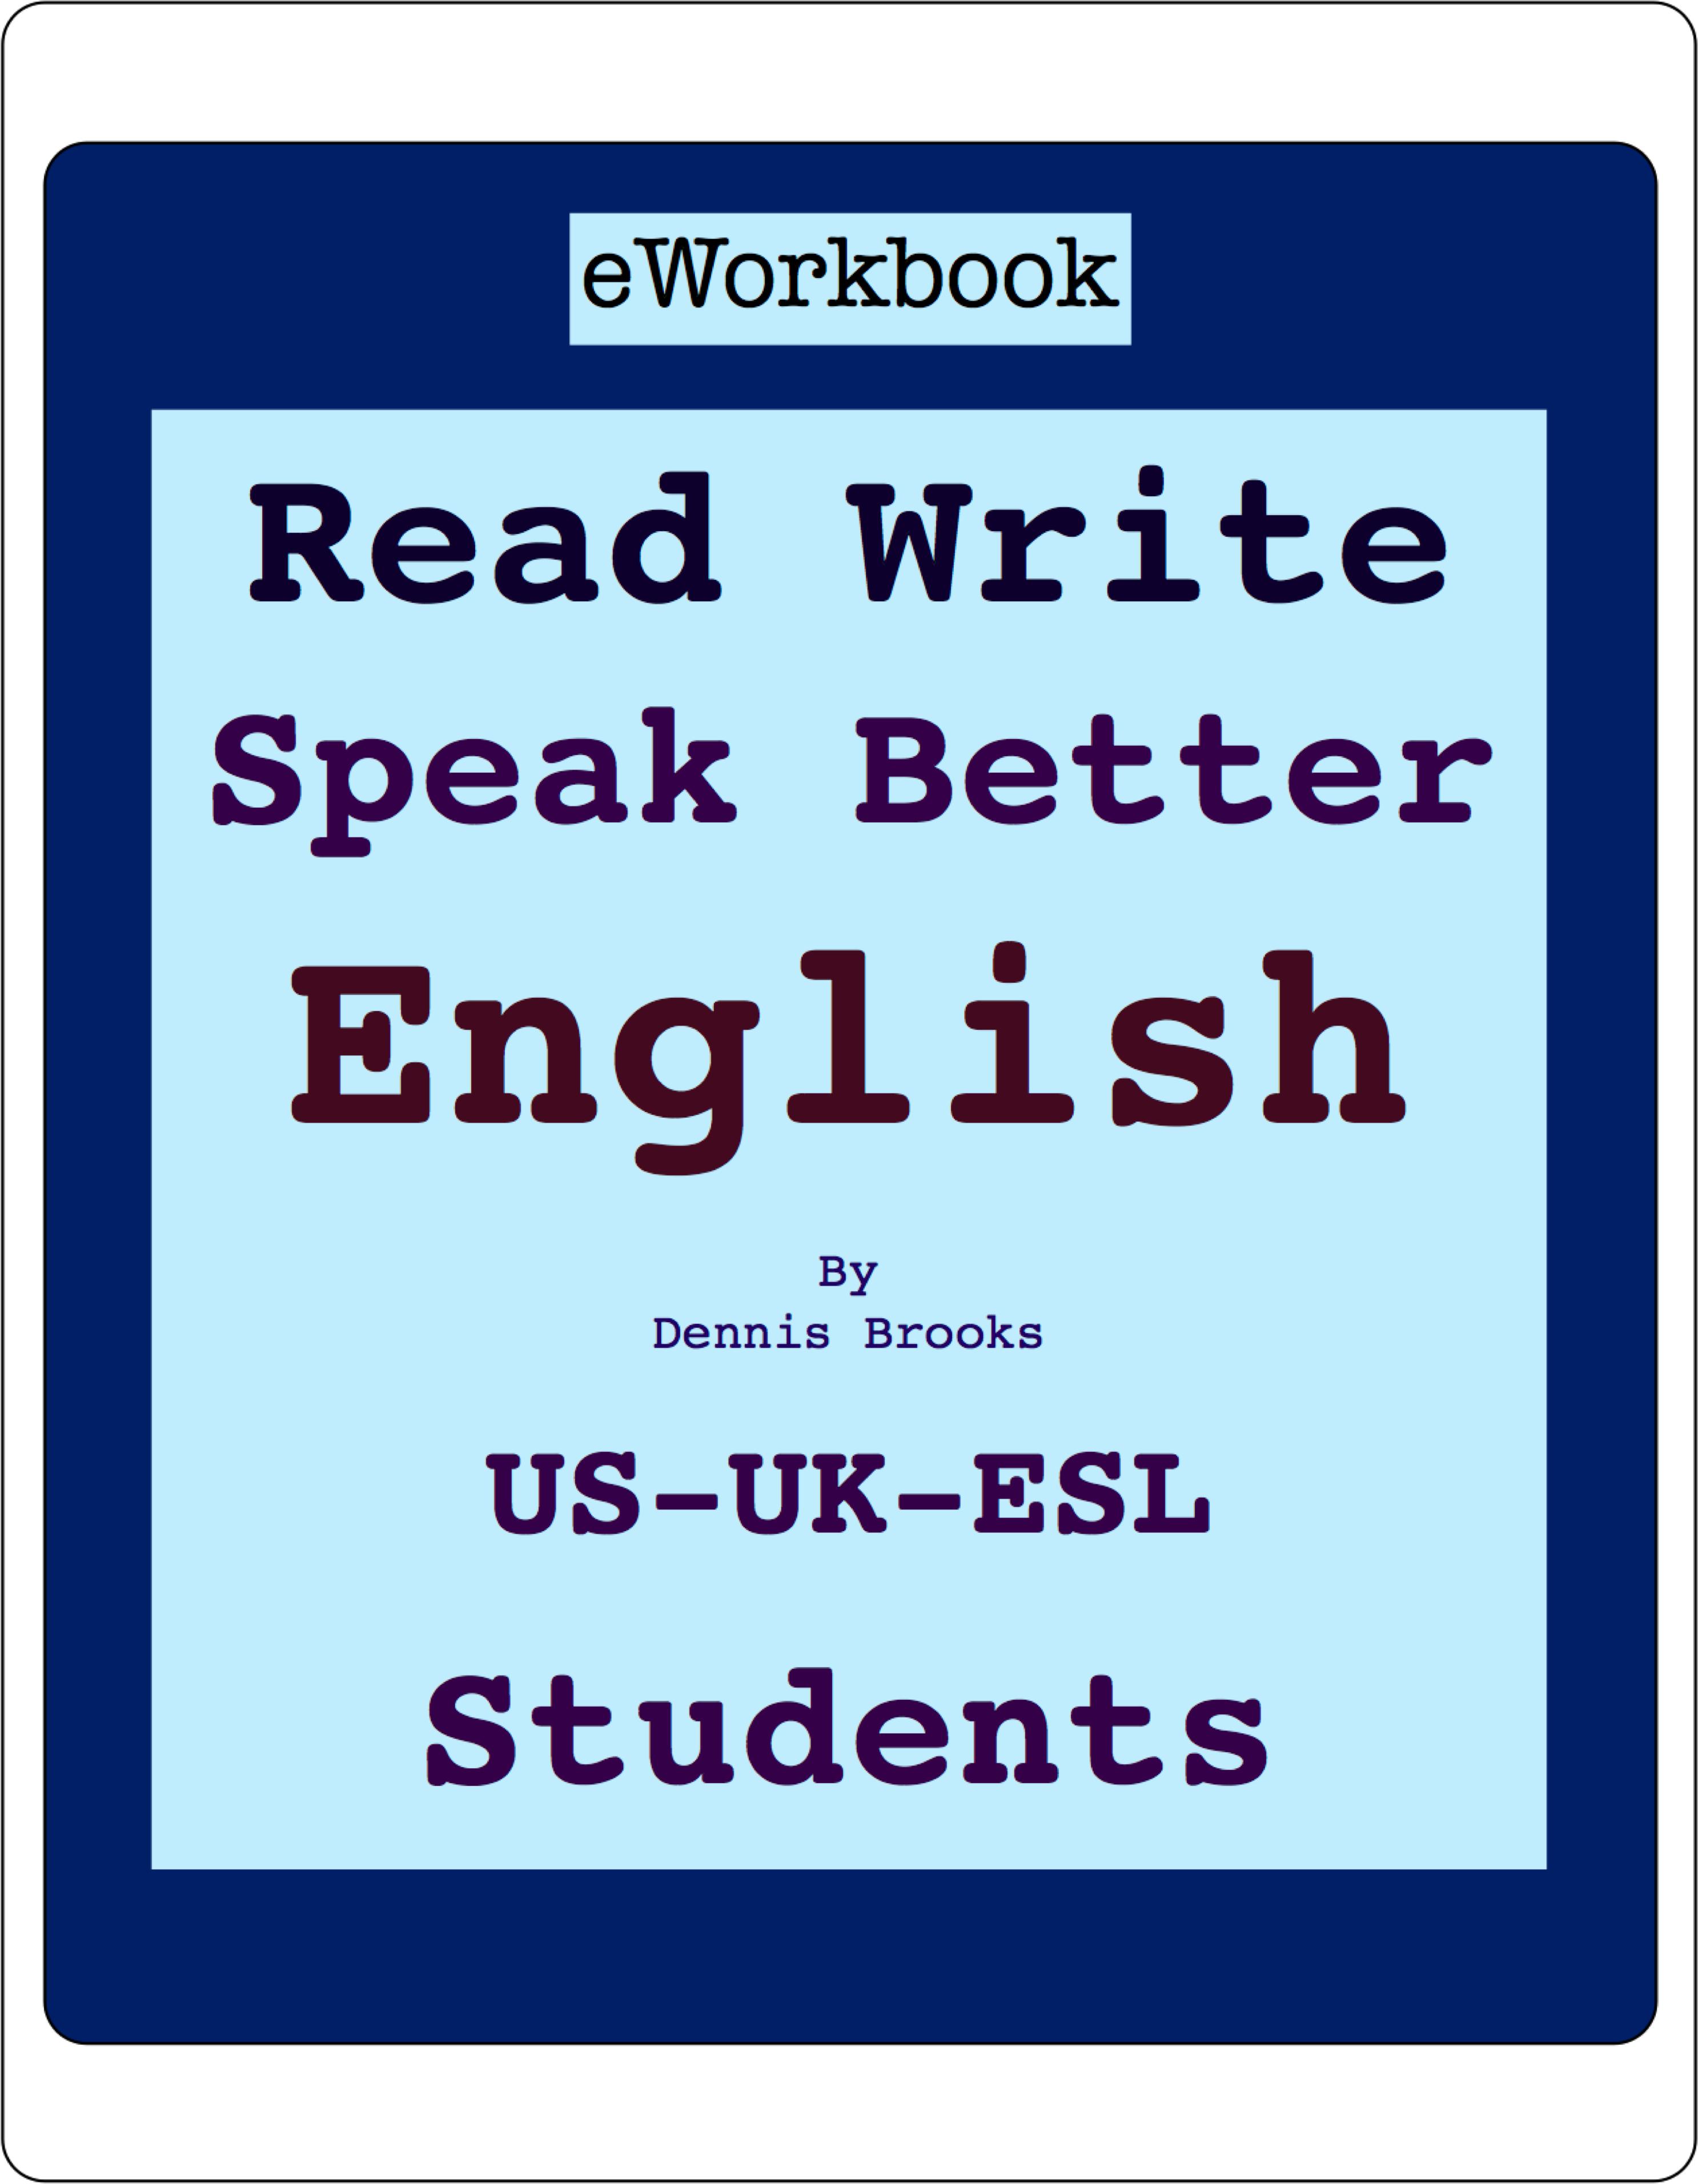 How to Write & Speak Good English